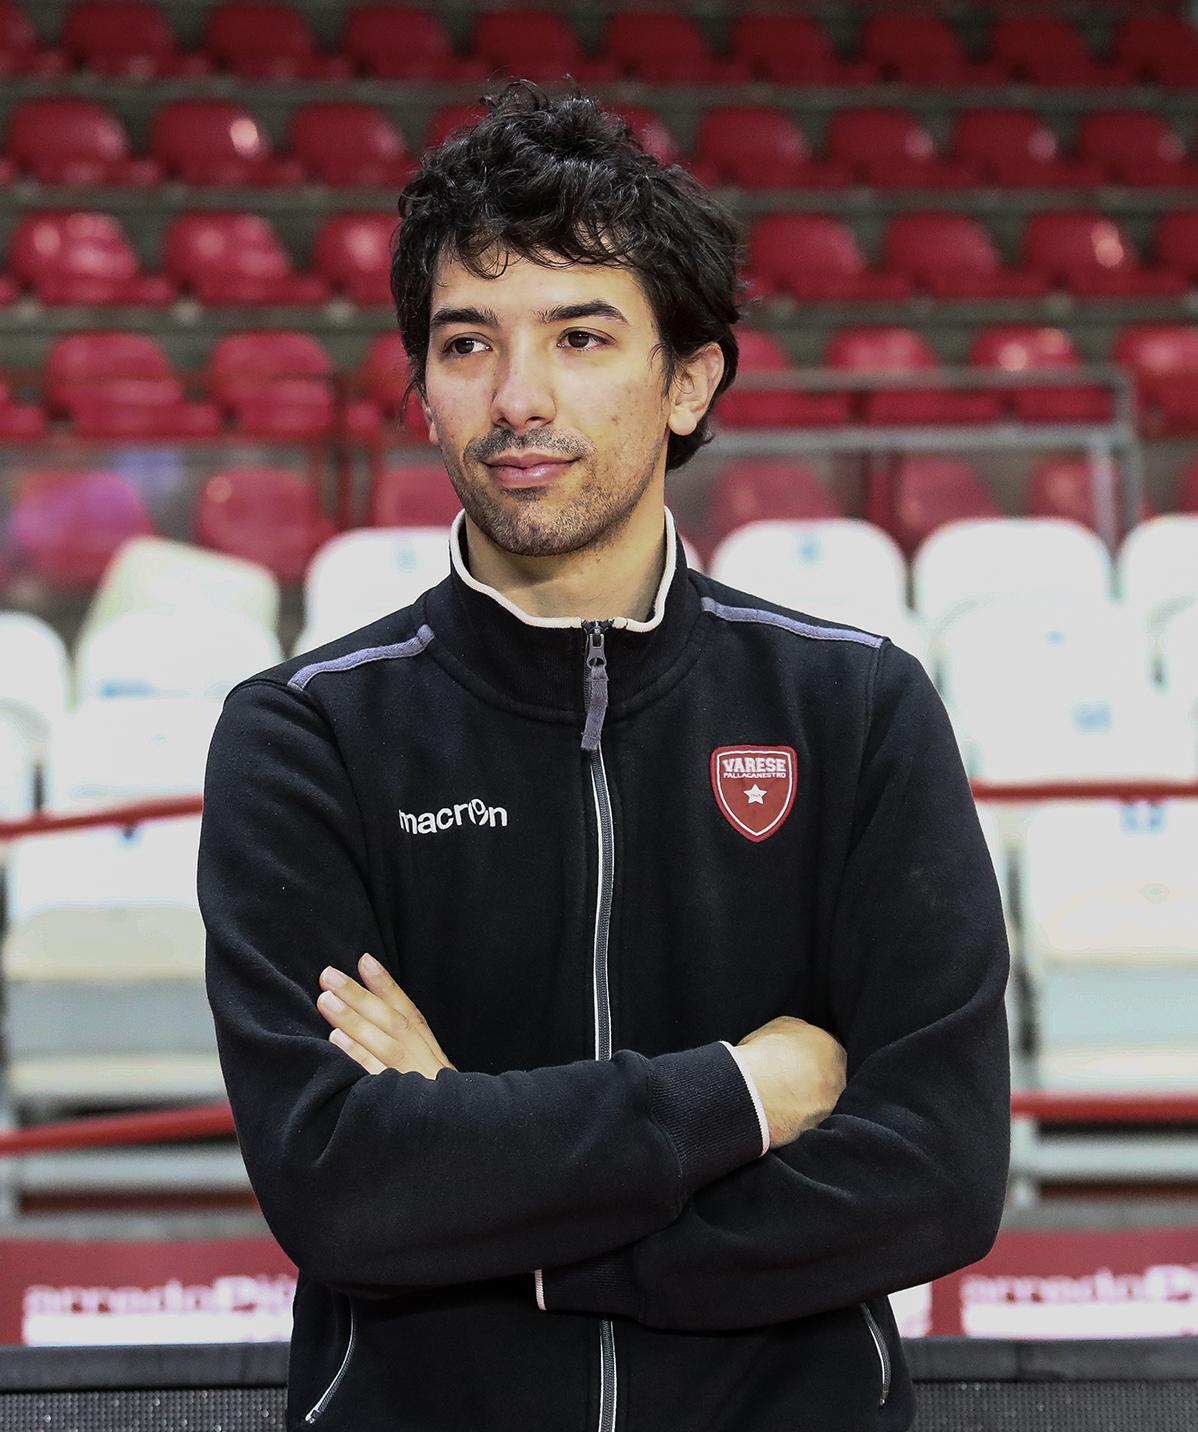 Davide Zonca